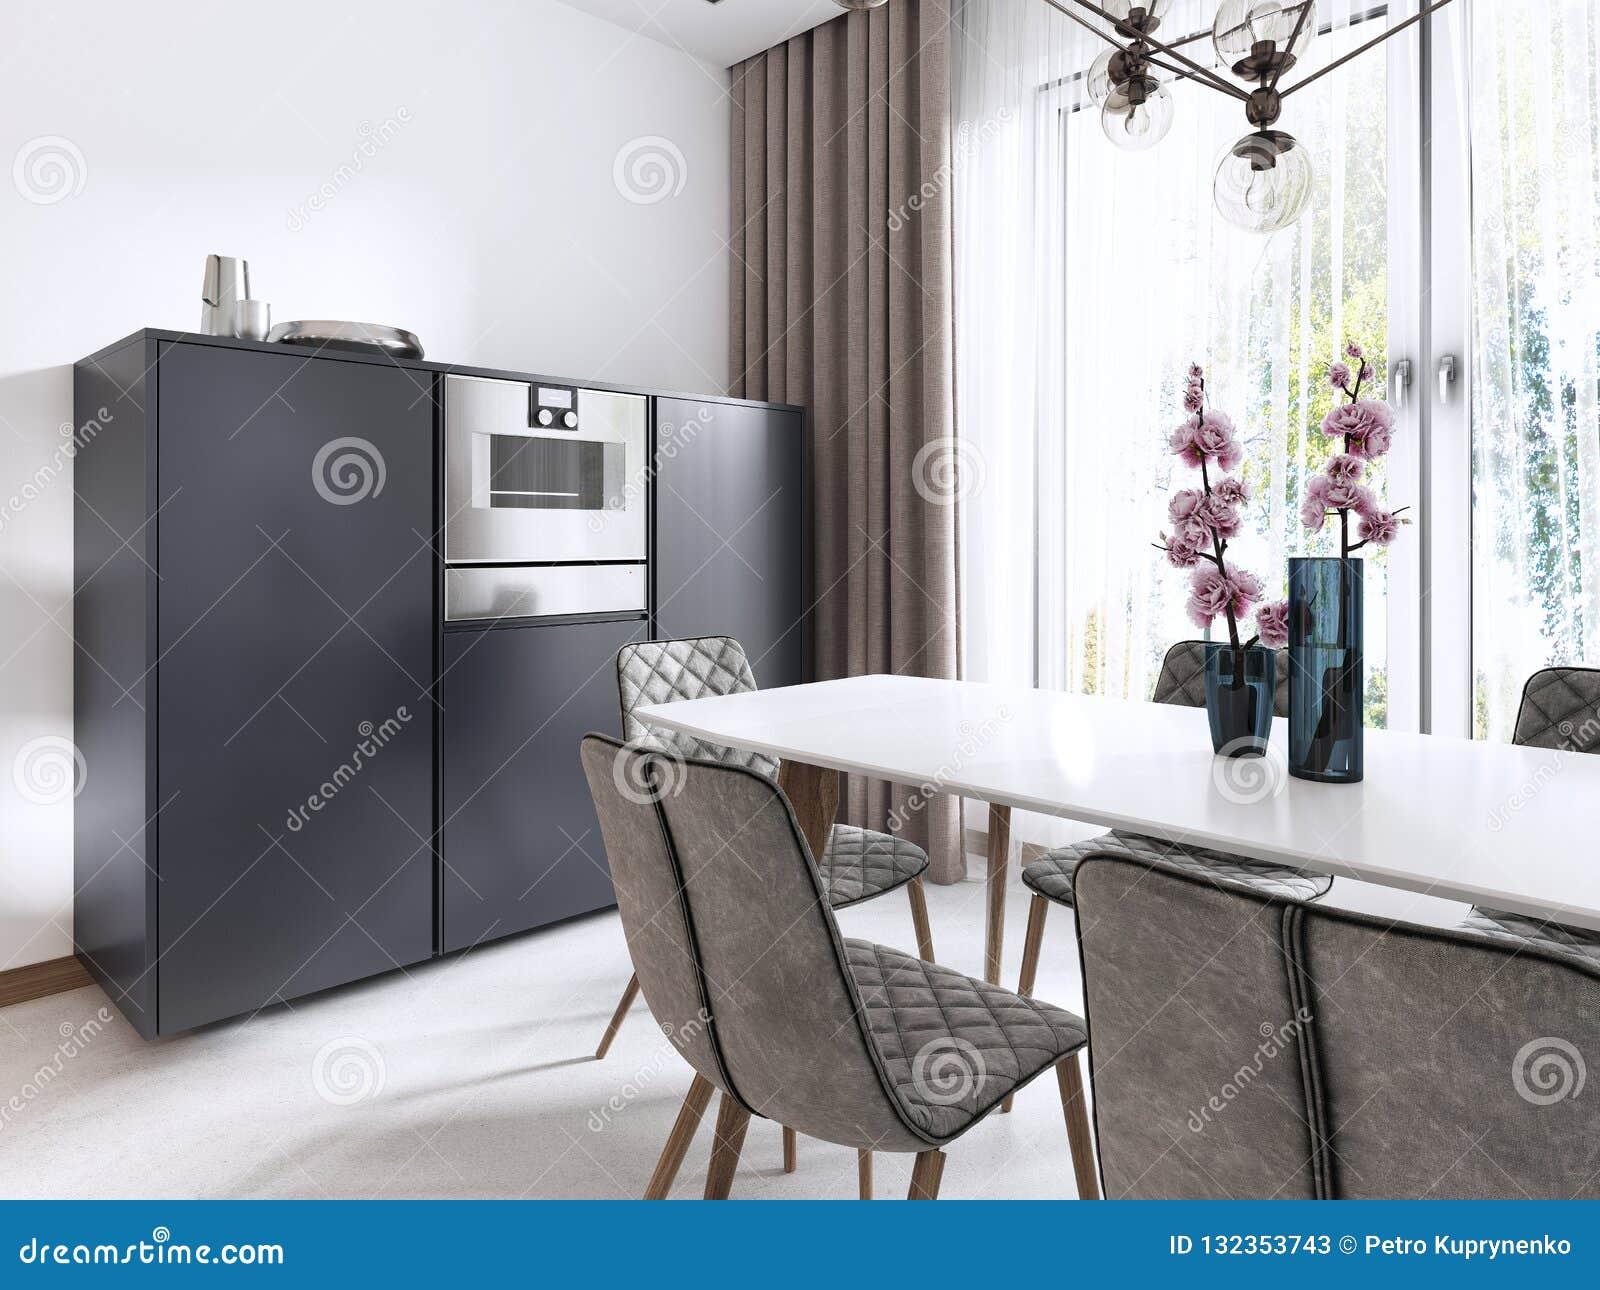 Cucina-pranzare stile contemporaneo della stanza in bianco ed in grigio con le grandi finestre e gli apparecchi incorporati nella